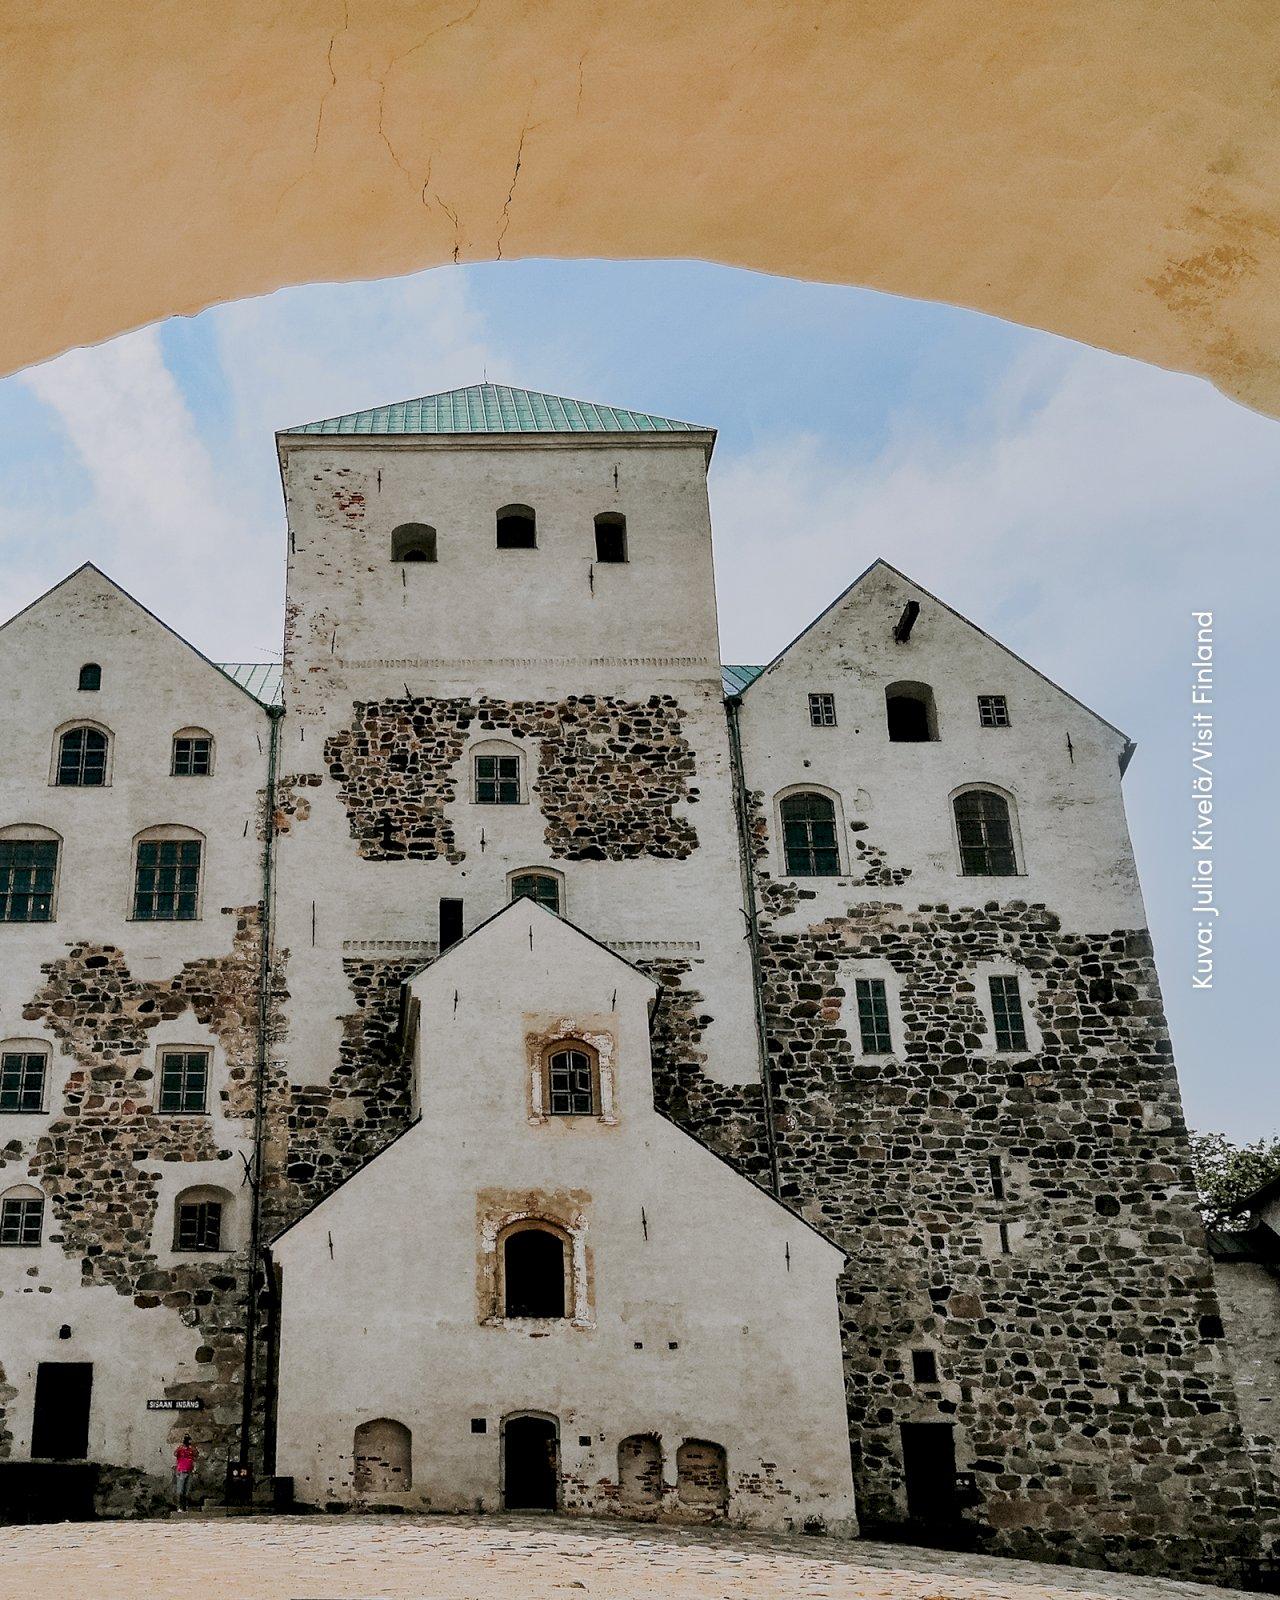 Turun linna muurien sisäpuolelta.